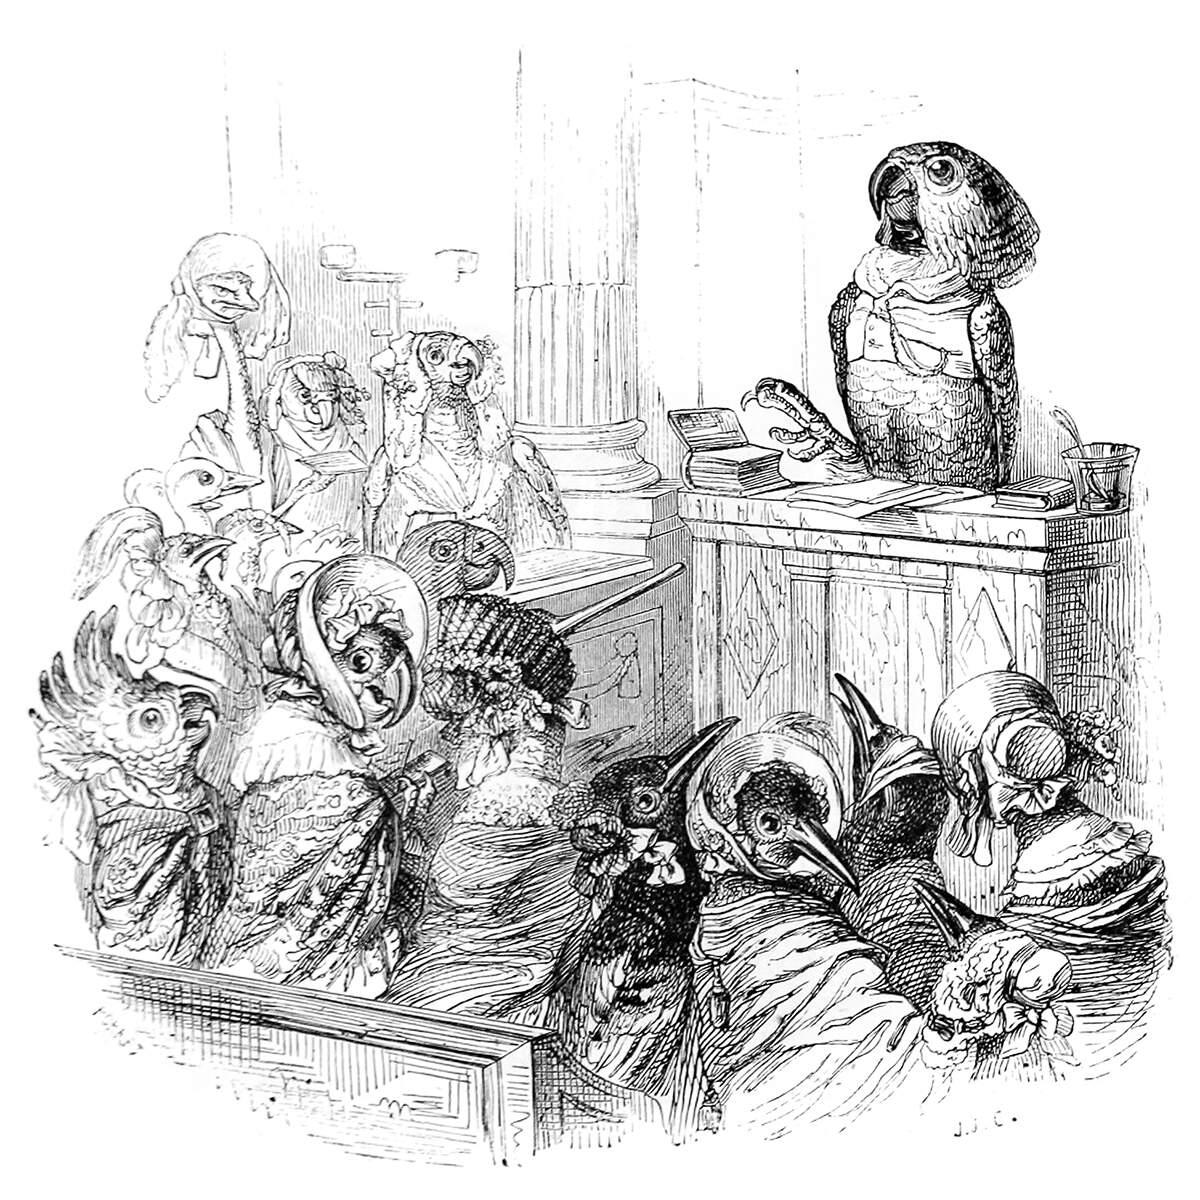 Ilustración del siglo XIX del caricaturista J.J. Grandville